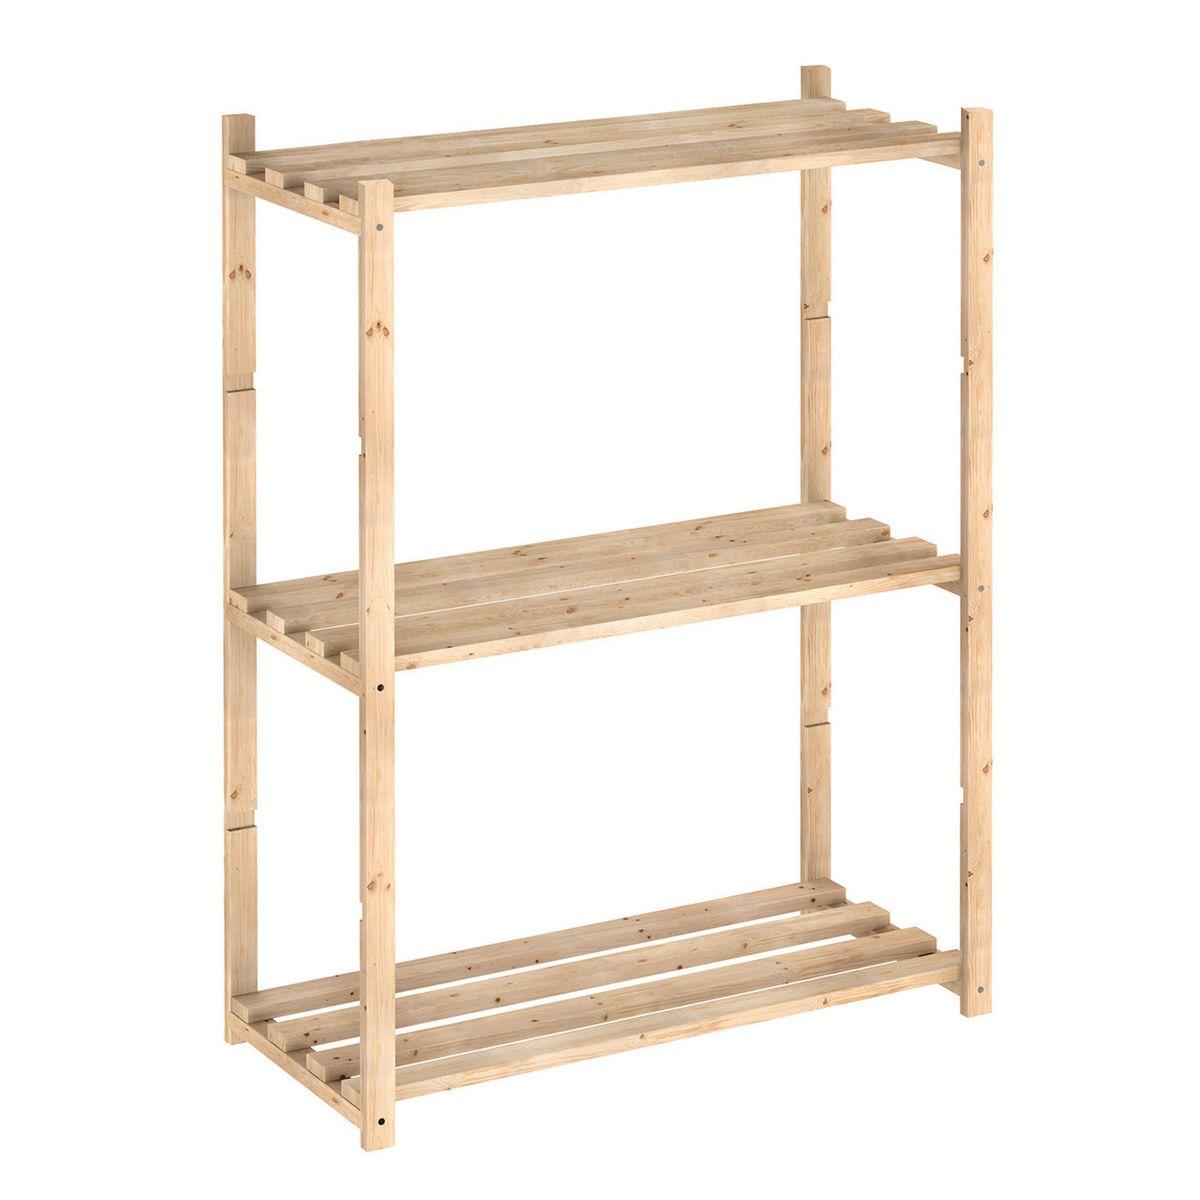 Scaffali in legno grezzo: prezzi e offerte online per scaffali in ...